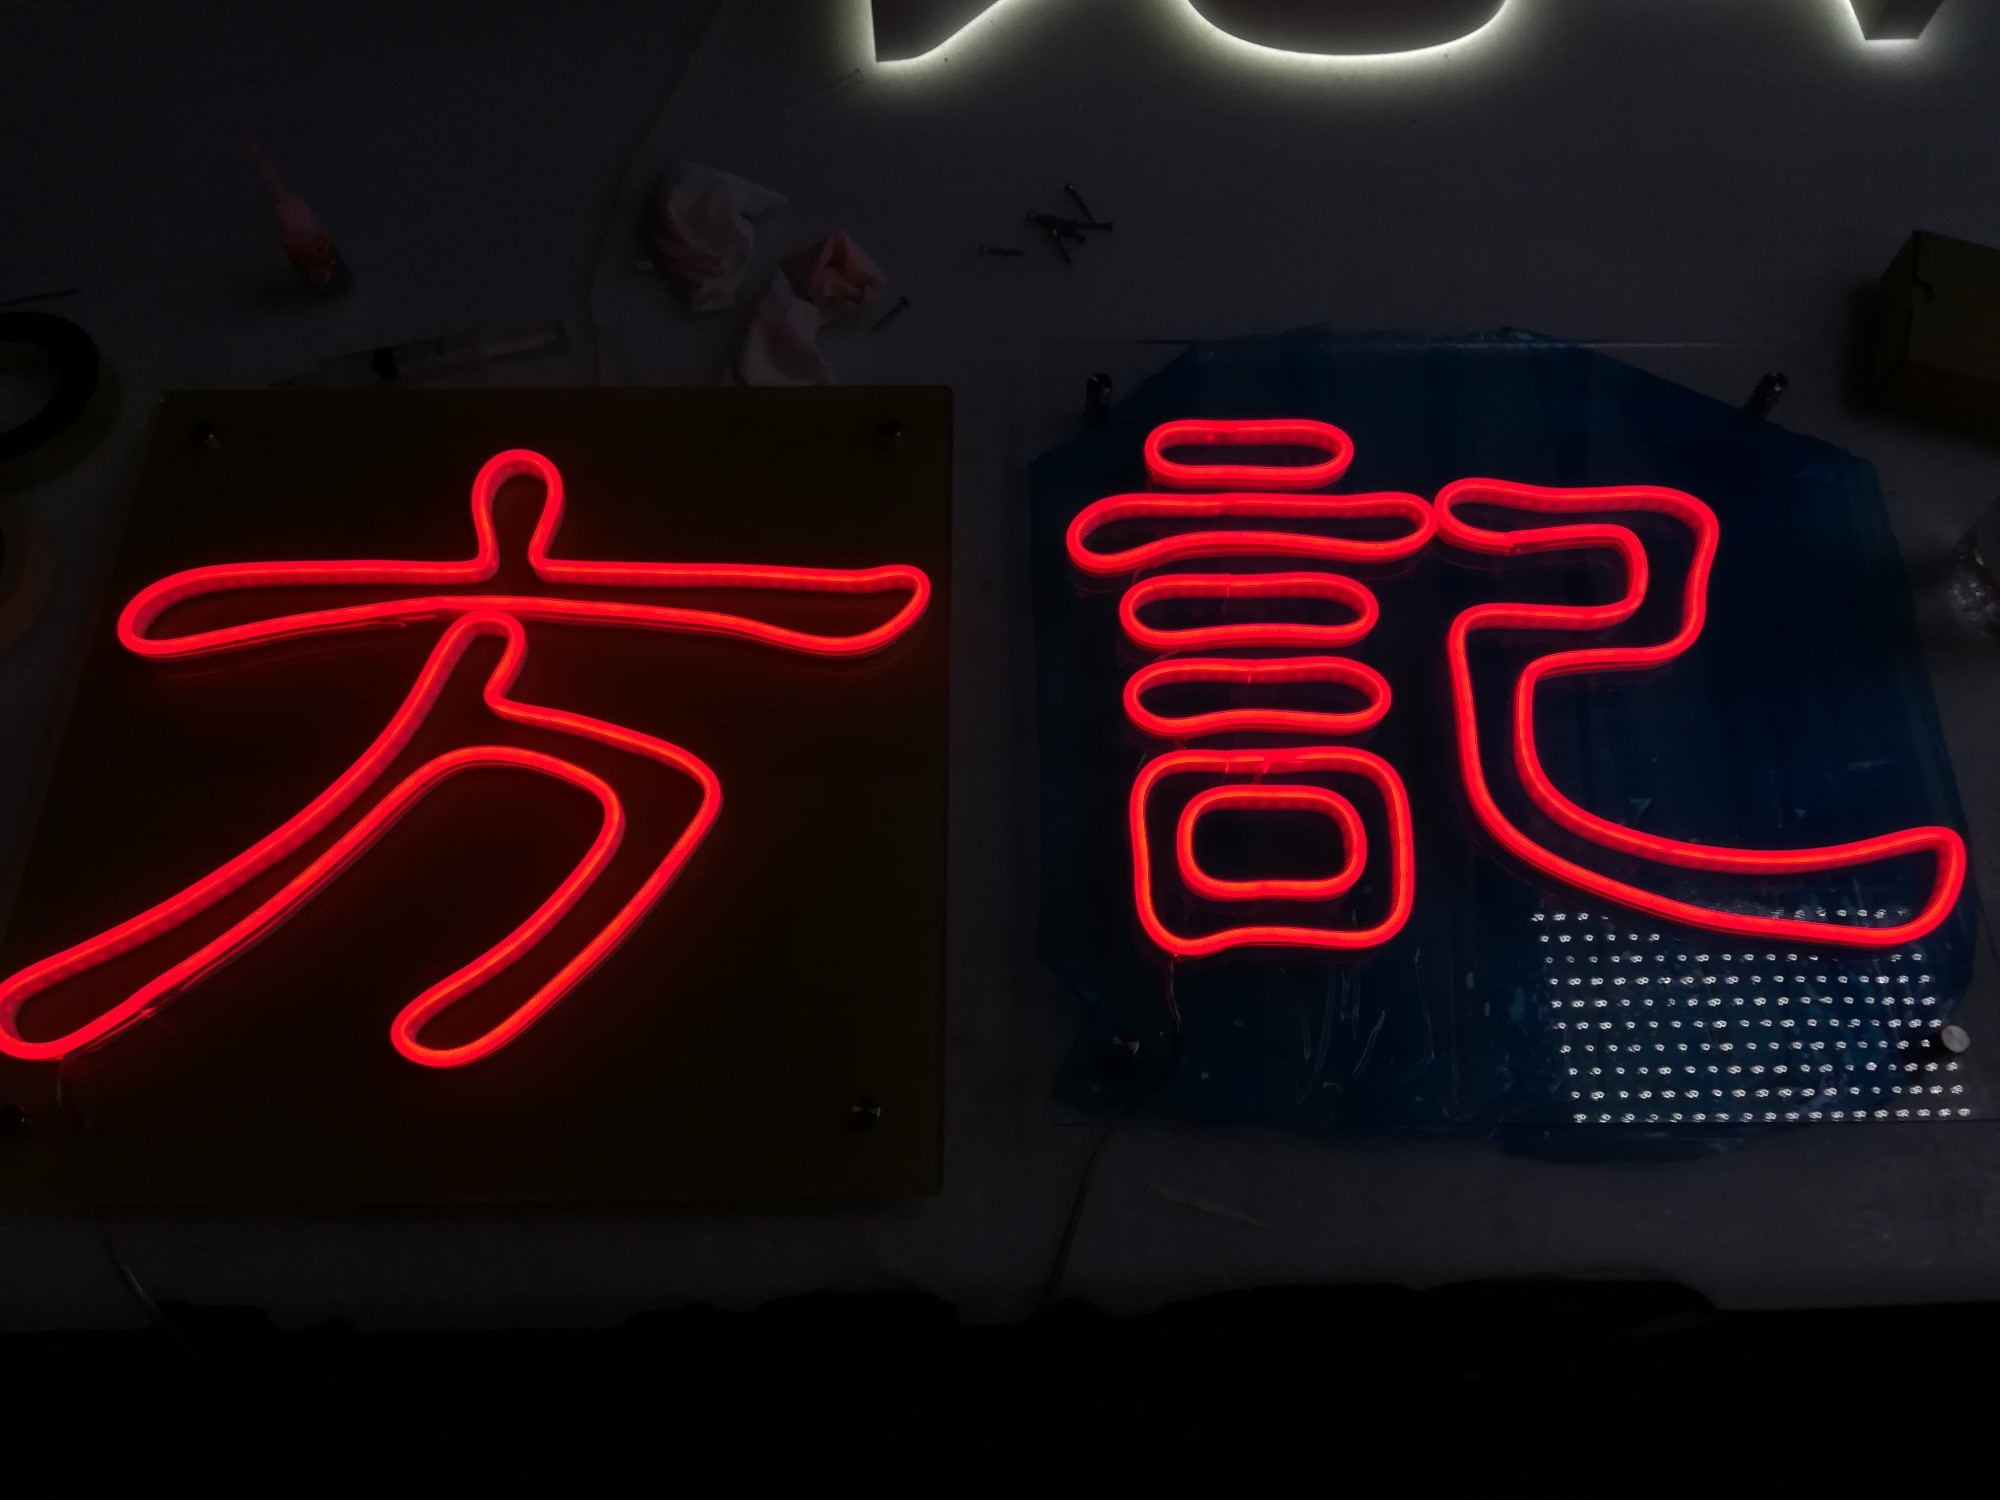 Acheter Enseignes au néon annonçant des enseignes au néon acryliques LED,Enseignes au néon annonçant des enseignes au néon acryliques LED Prix,Enseignes au néon annonçant des enseignes au néon acryliques LED Marques,Enseignes au néon annonçant des enseignes au néon acryliques LED Fabricant,Enseignes au néon annonçant des enseignes au néon acryliques LED Quotes,Enseignes au néon annonçant des enseignes au néon acryliques LED Société,